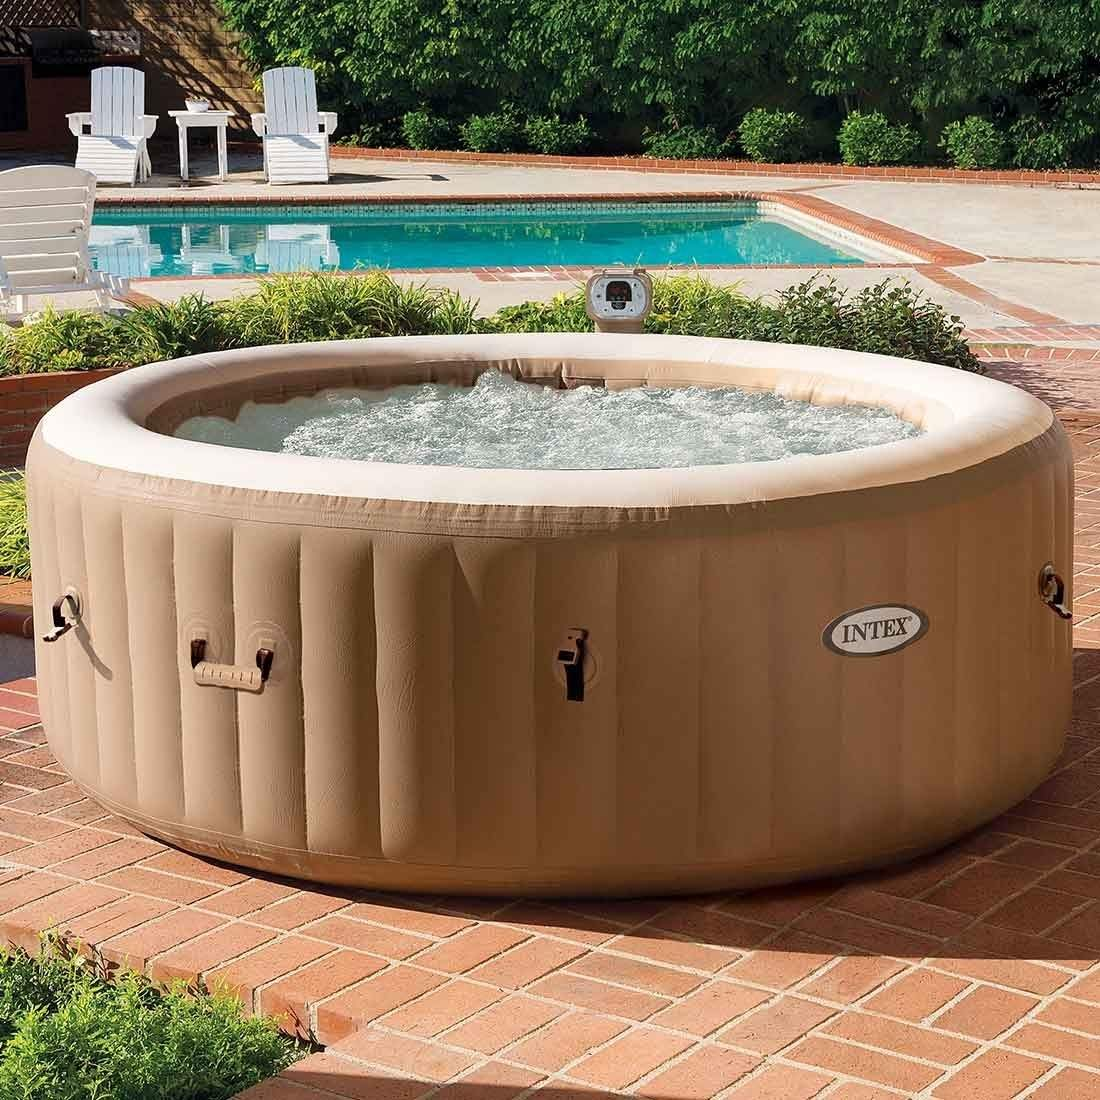 Whirlpool Garten Genial Intex Pure Spa Bubble Whirlpool ˜196×71 Cm